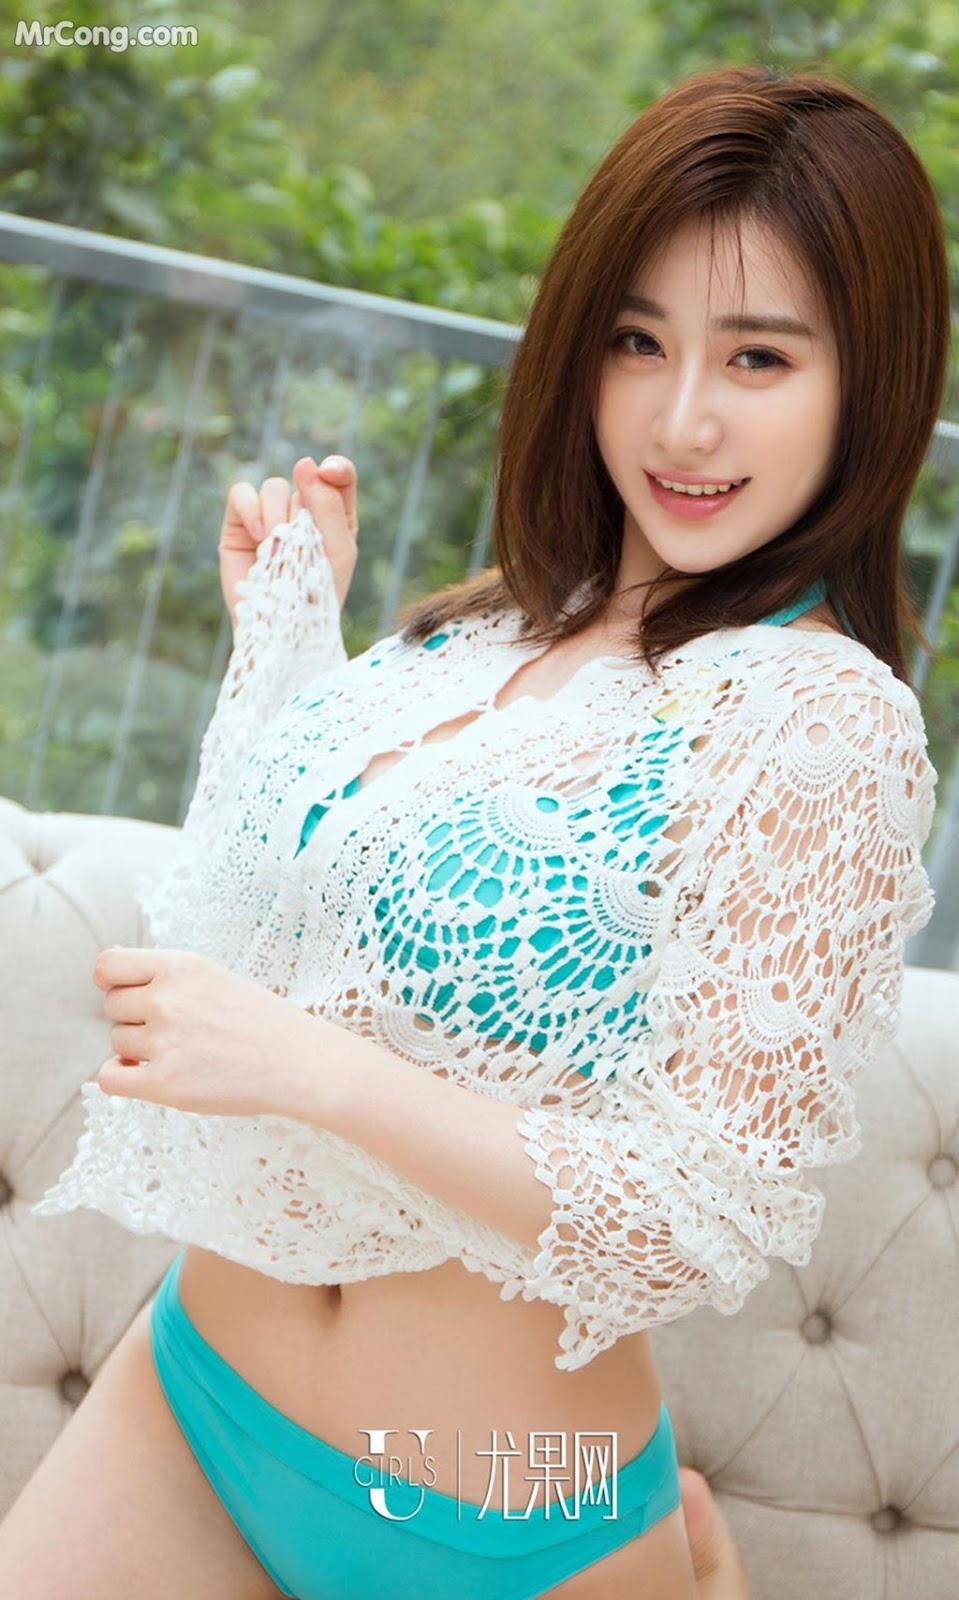 Image UGIRLS-Ai-You-Wu-App-No.999-Tian-Xin-MrCong.com-010 in post UGIRLS – Ai You Wu App No.999: Người mẫu Tian Xin (甜馨) (40 ảnh)